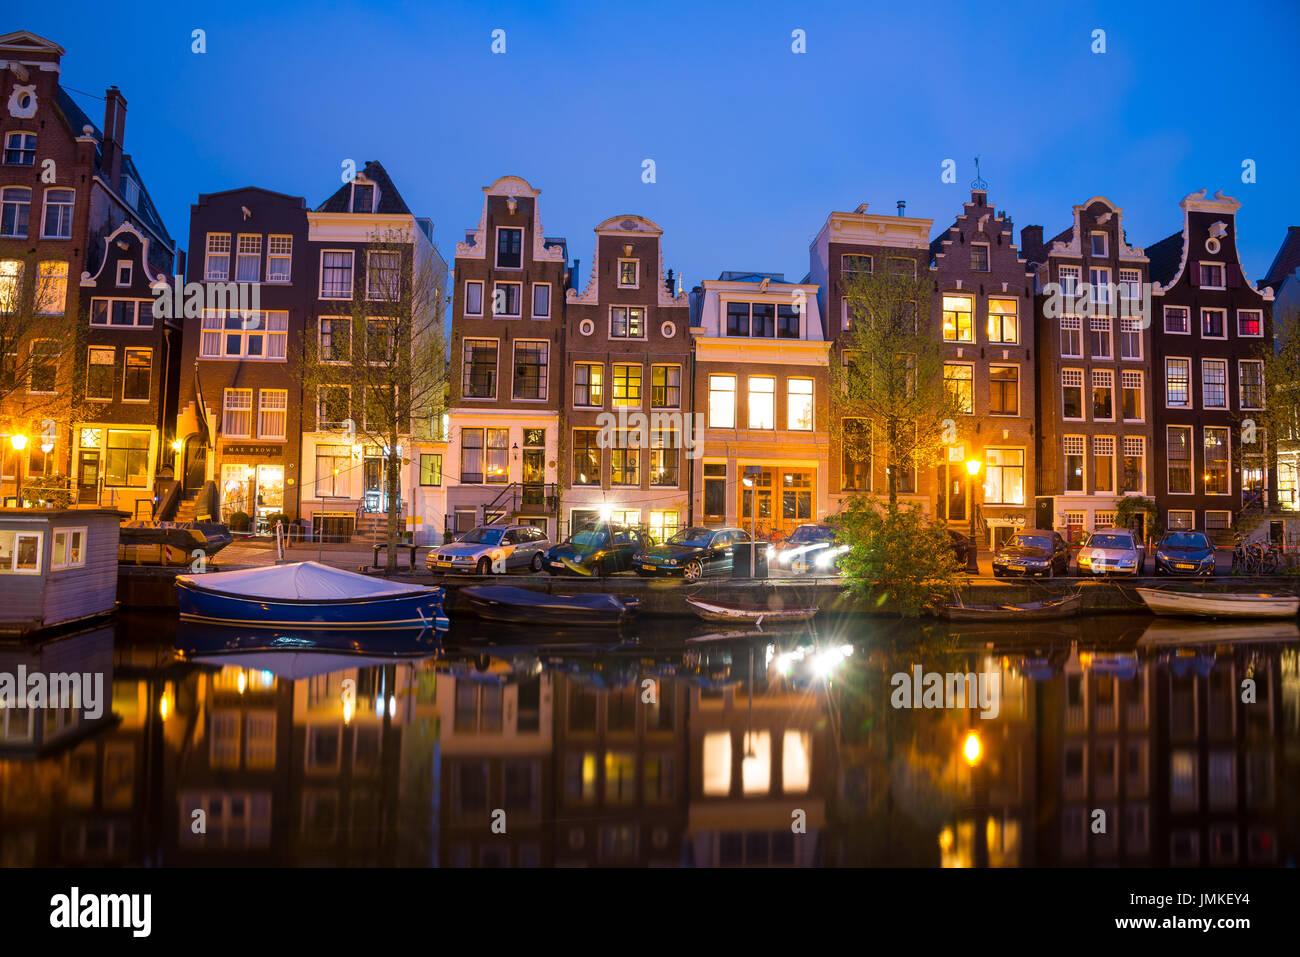 Vista de los canales de Amsterdam y terraplenes a lo largo de la noche. Imagen De Stock